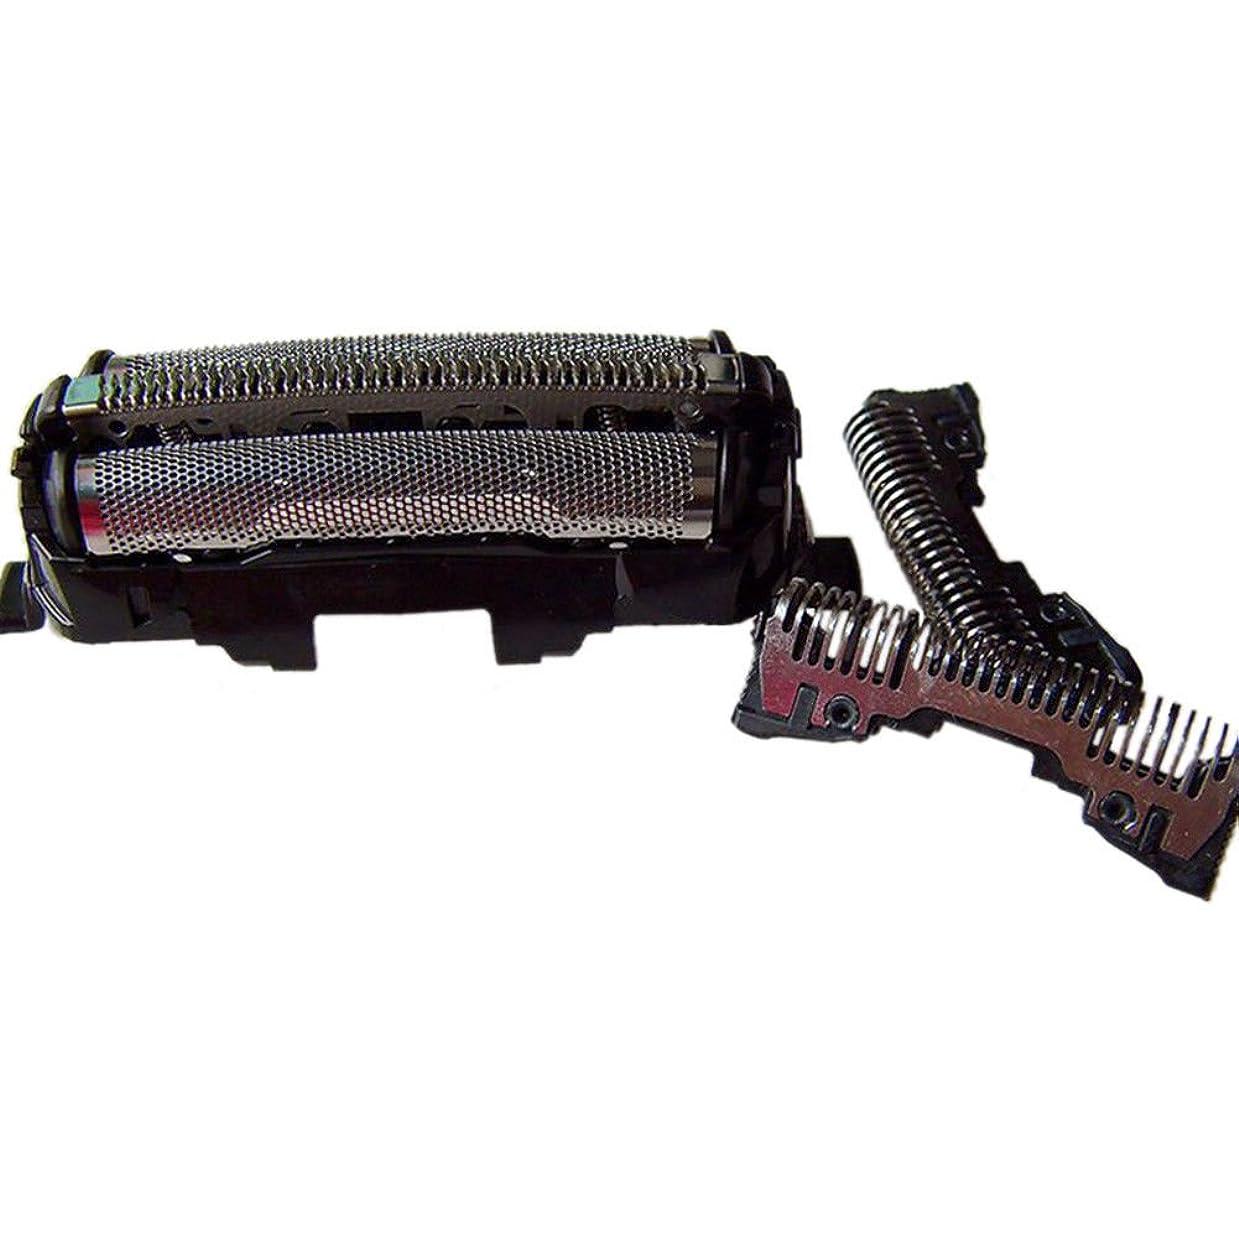 変更可能高速道路トラックXinvision 回転式シェーバー替刃 シェーバーパーツ シェーバー パーツ 部品 外刃 内刃 替刃 耐用 for Panasonic ES9087 ES8113 ES8116 ES-LT22/LT31